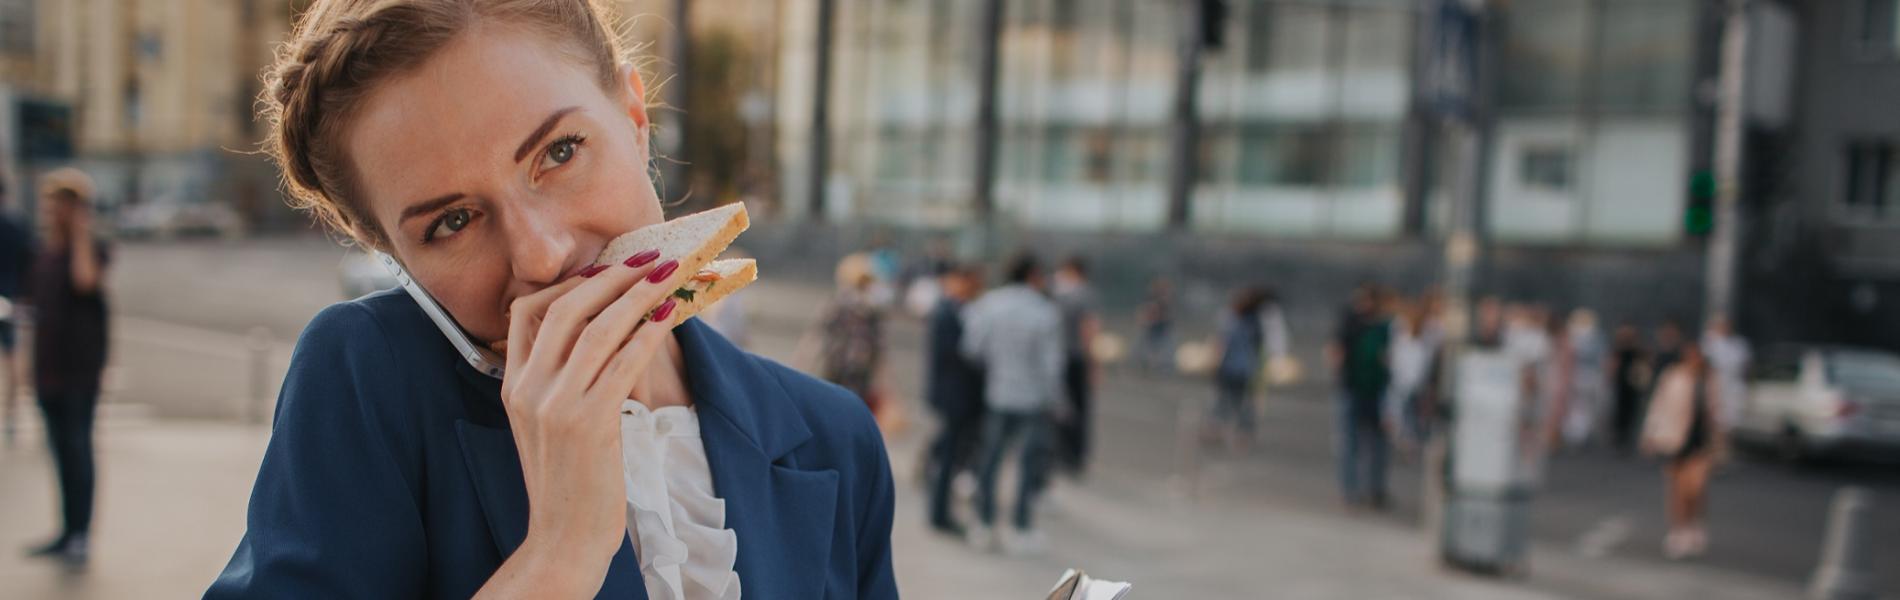 10 טיפים לשמירה על תזונה בריאה גם בימים שאין בהם שניה לנשום